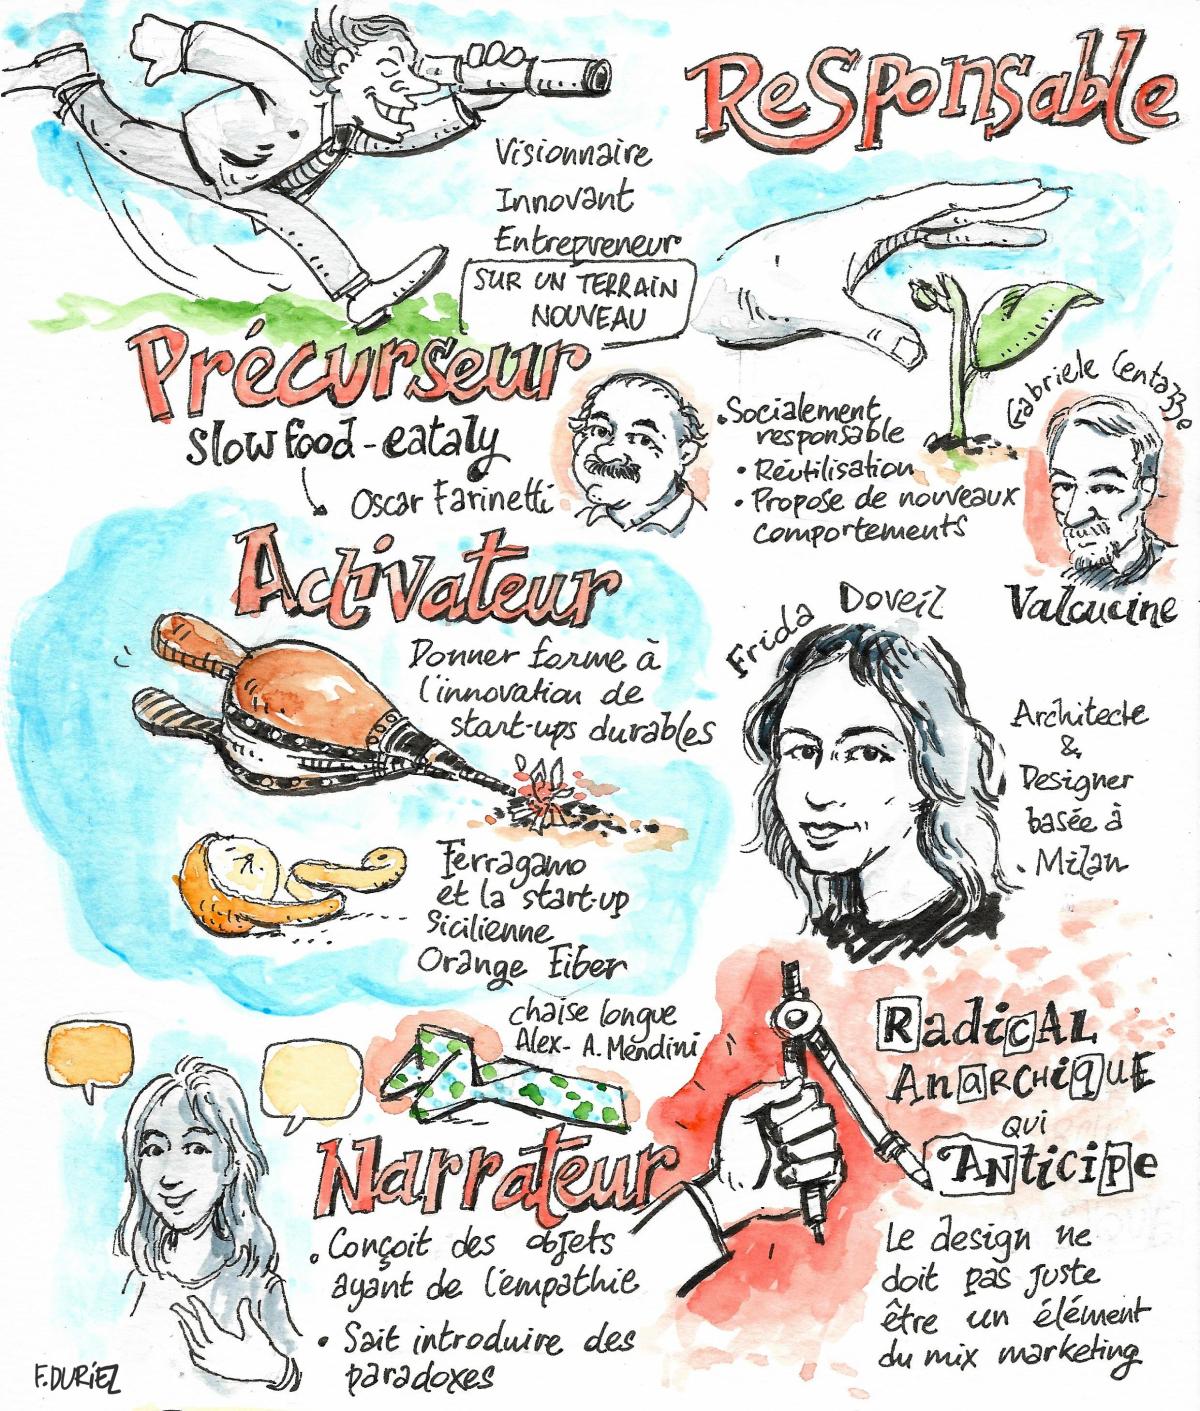 Frida Doveil : un portrait du designer en dix mots